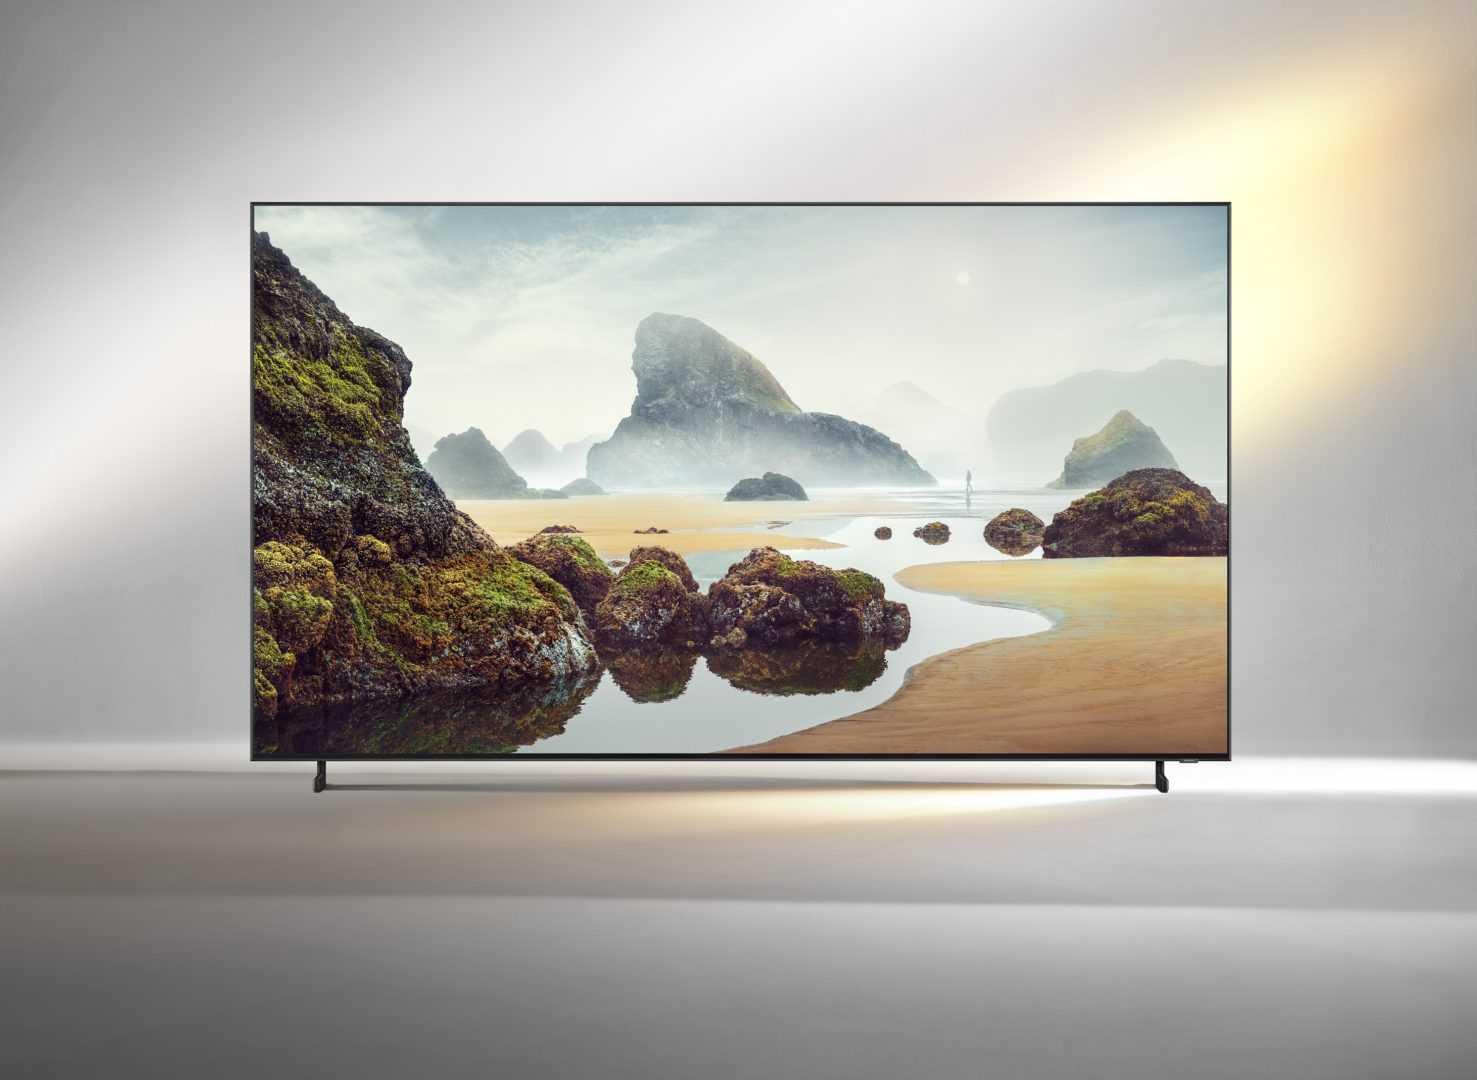 Дата начала продаж micro-led телевизоров - 2021 год?